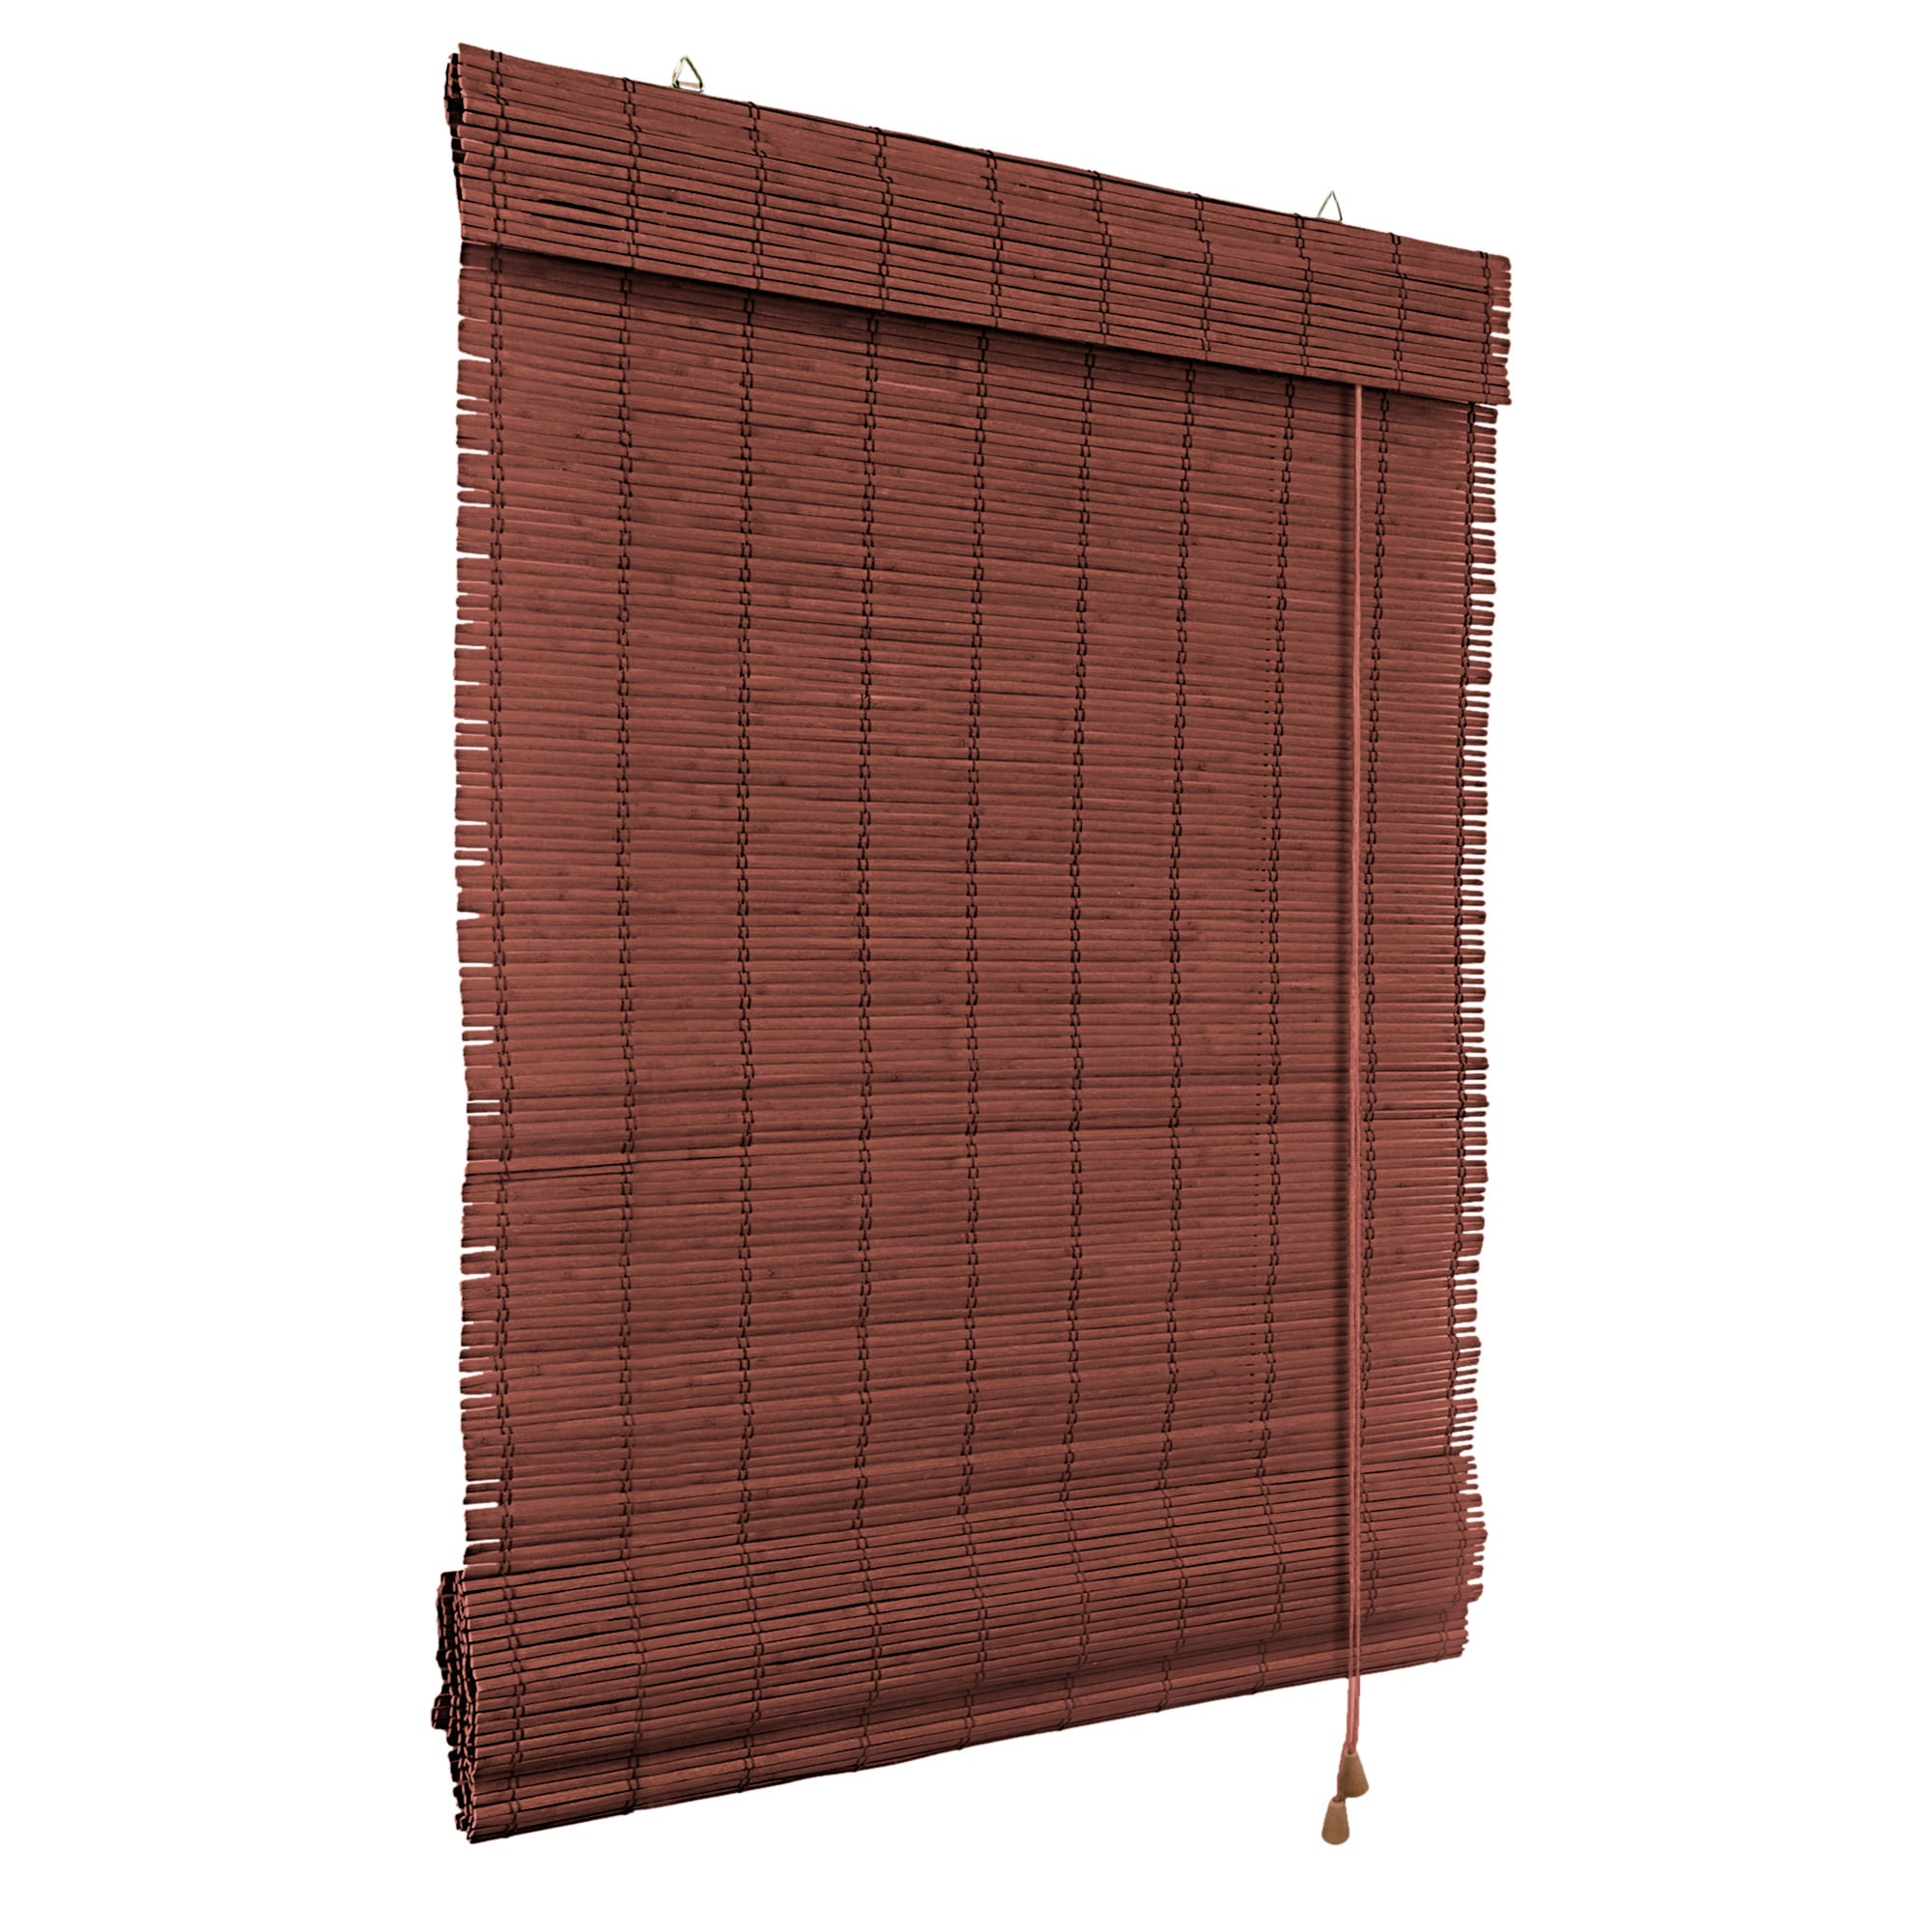 Bambus Sichtschutz Innen Kreative Ideen für Ihr Zuhause Design